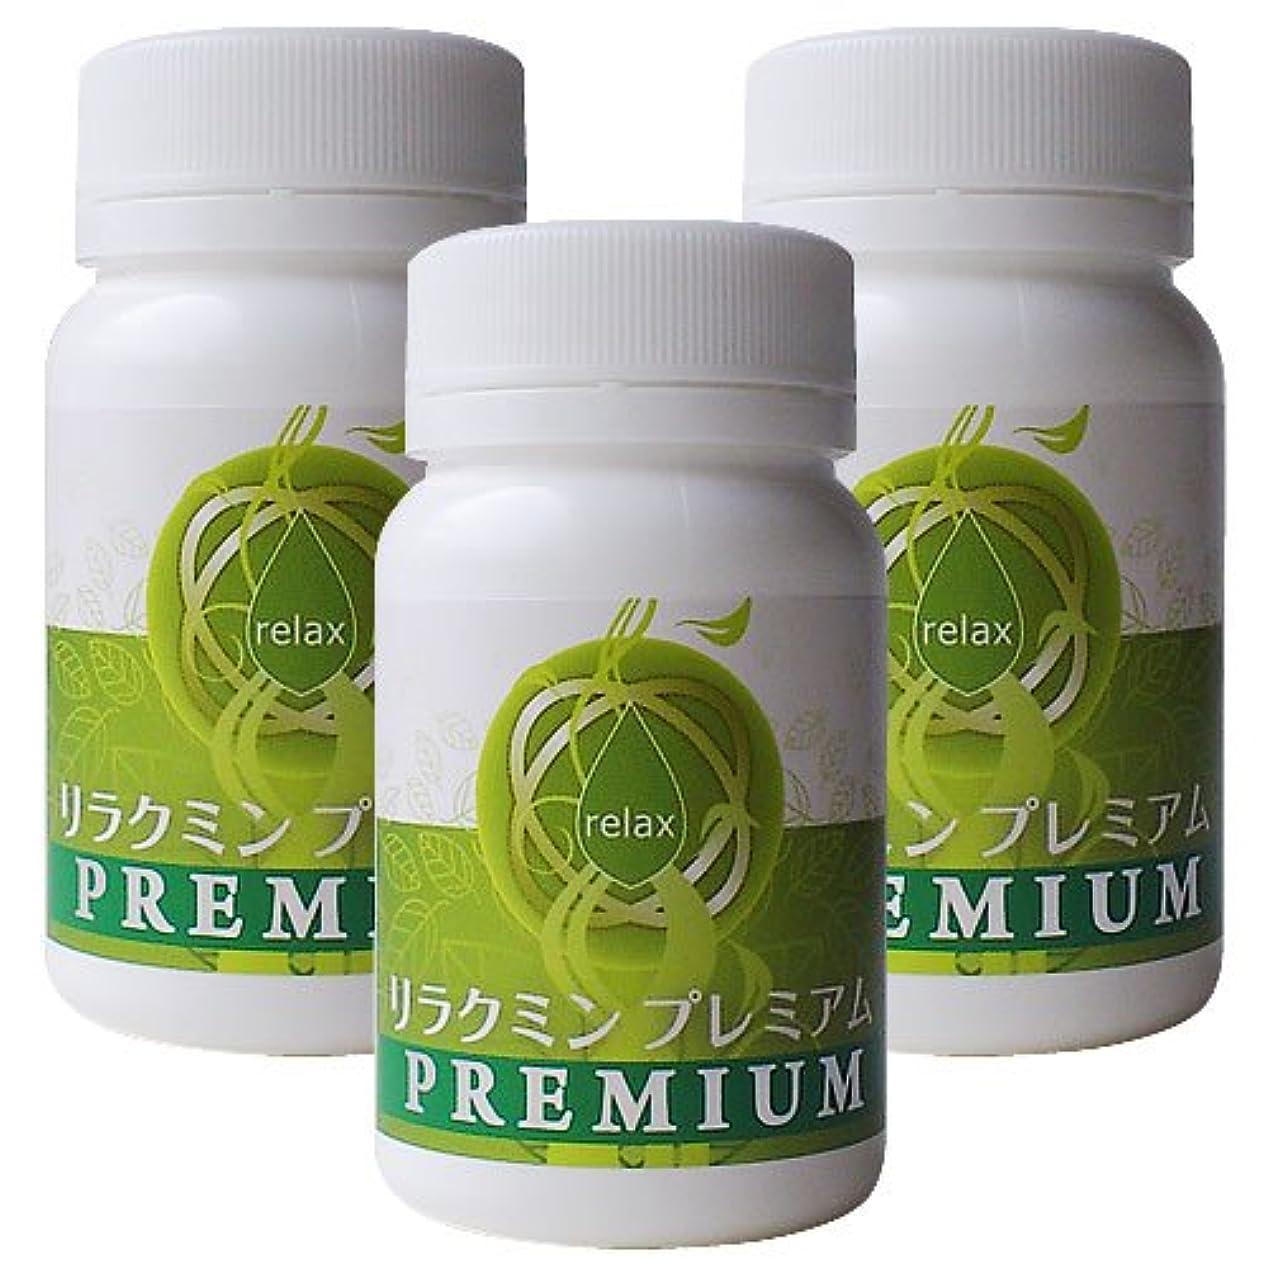 心のこもった鷲吸うセロトニン サプリ (日本製) ギャバ DHA EPA ラフマ葉 イチョウ葉 エゾウコギ [リラクミンプレミアム 3本セット] 450粒入 (約3か月分) リラクミン サプリメント